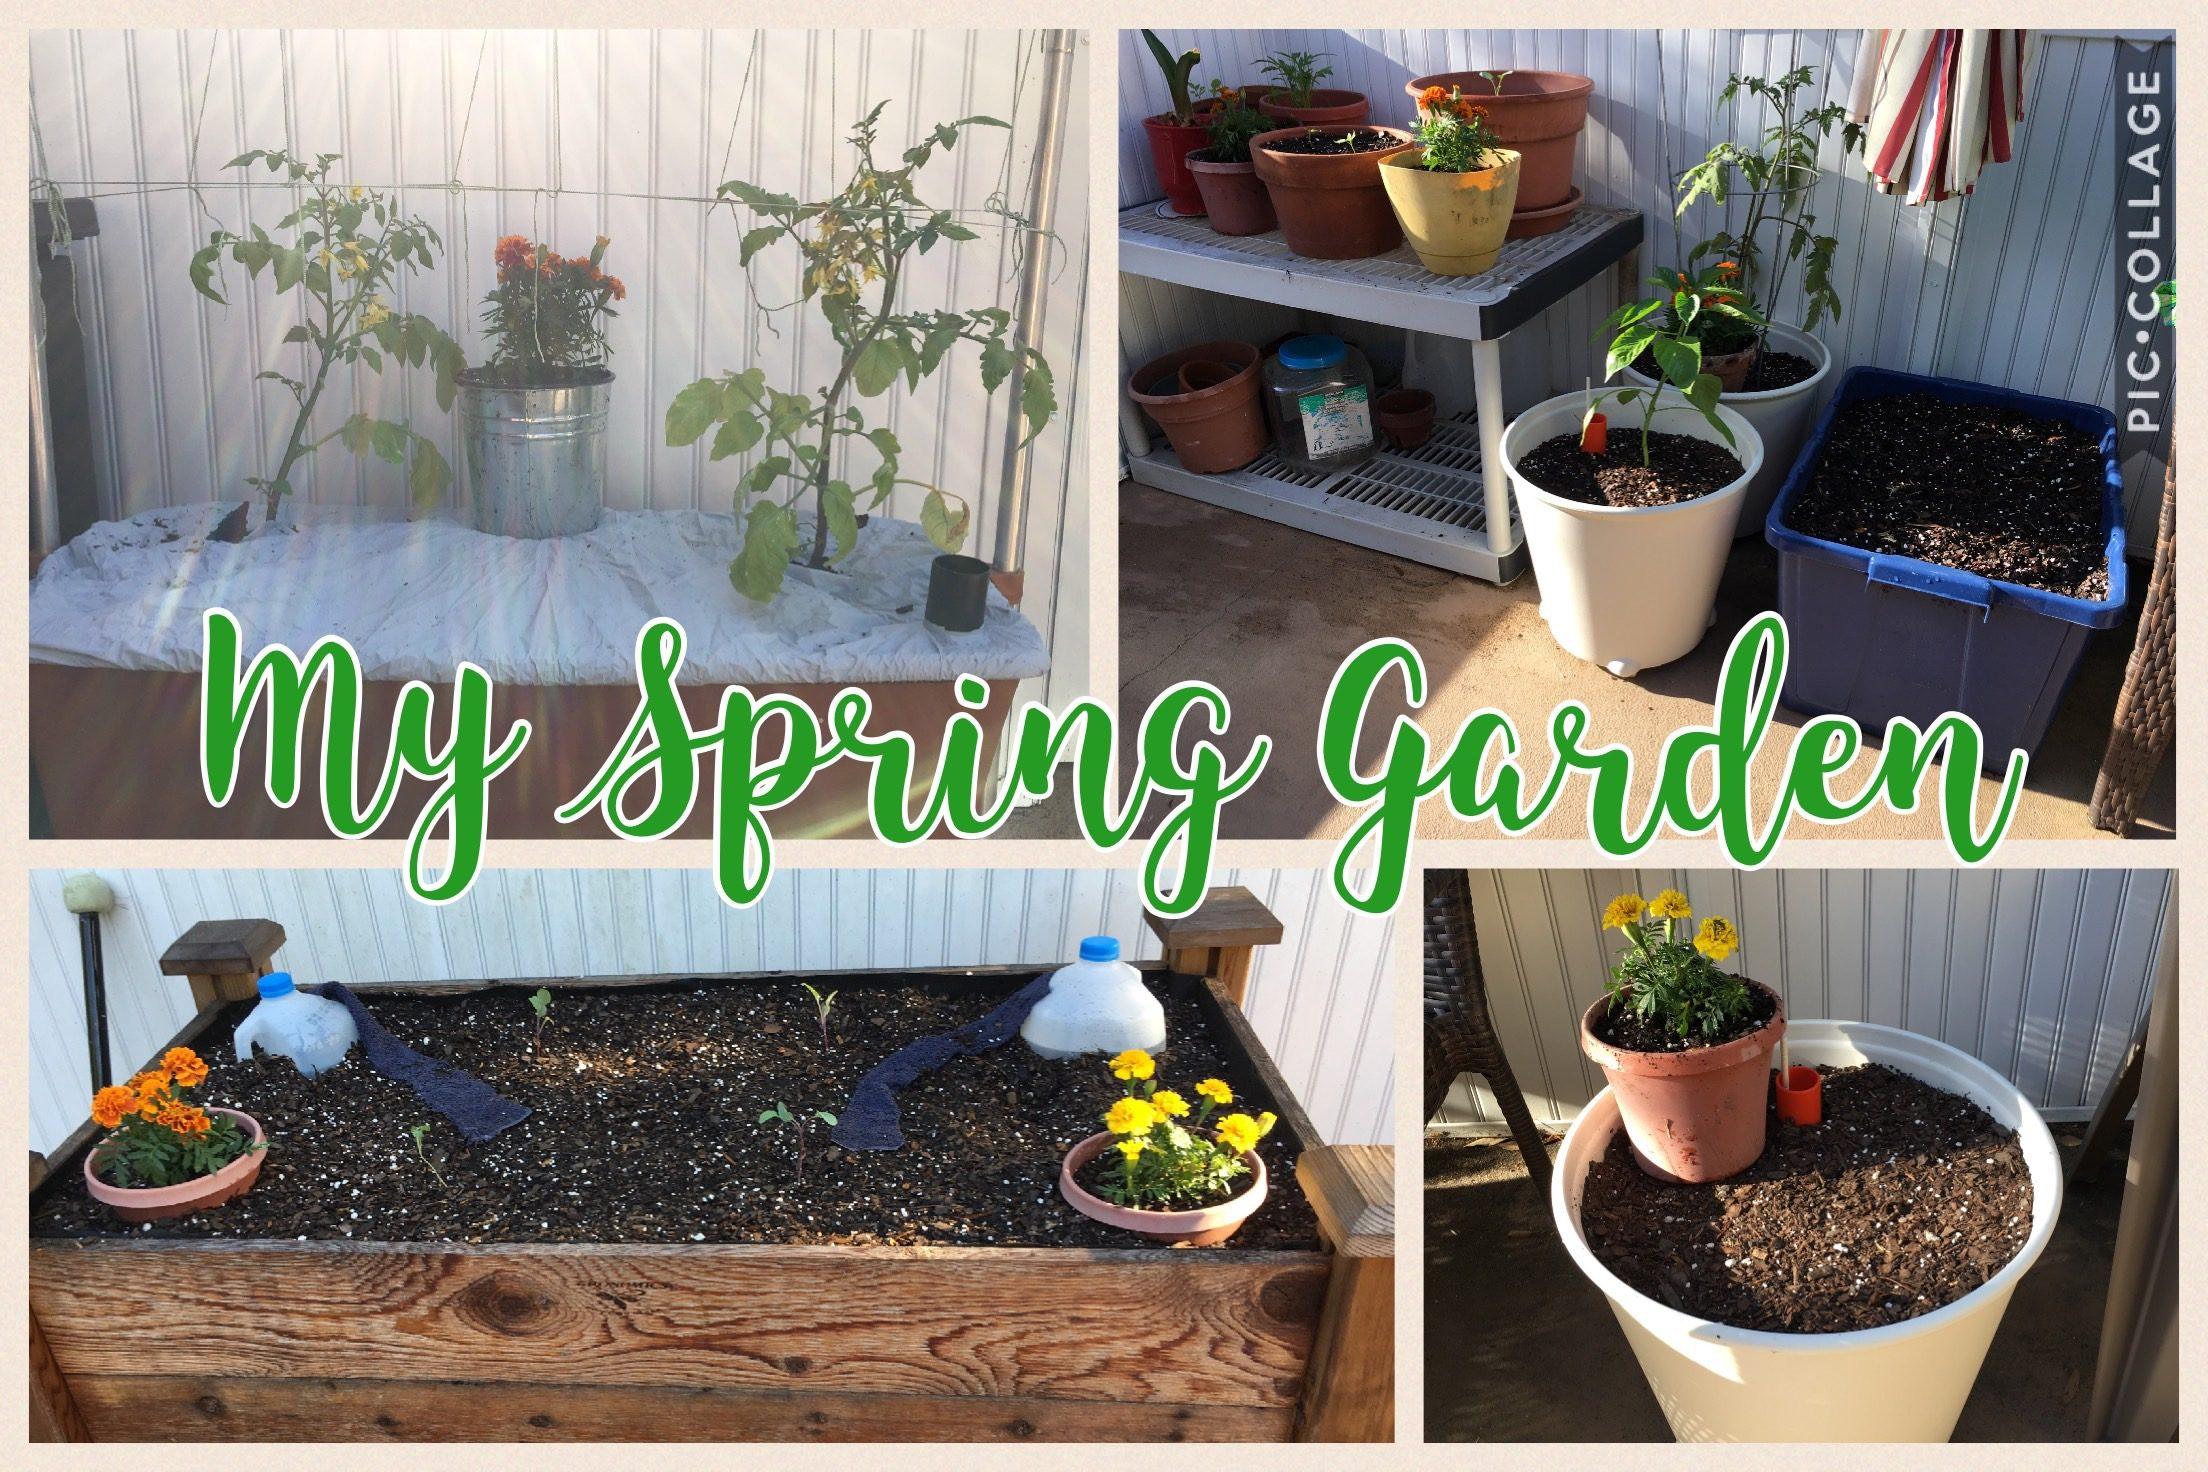 The Hopelessly Inept Gardener?